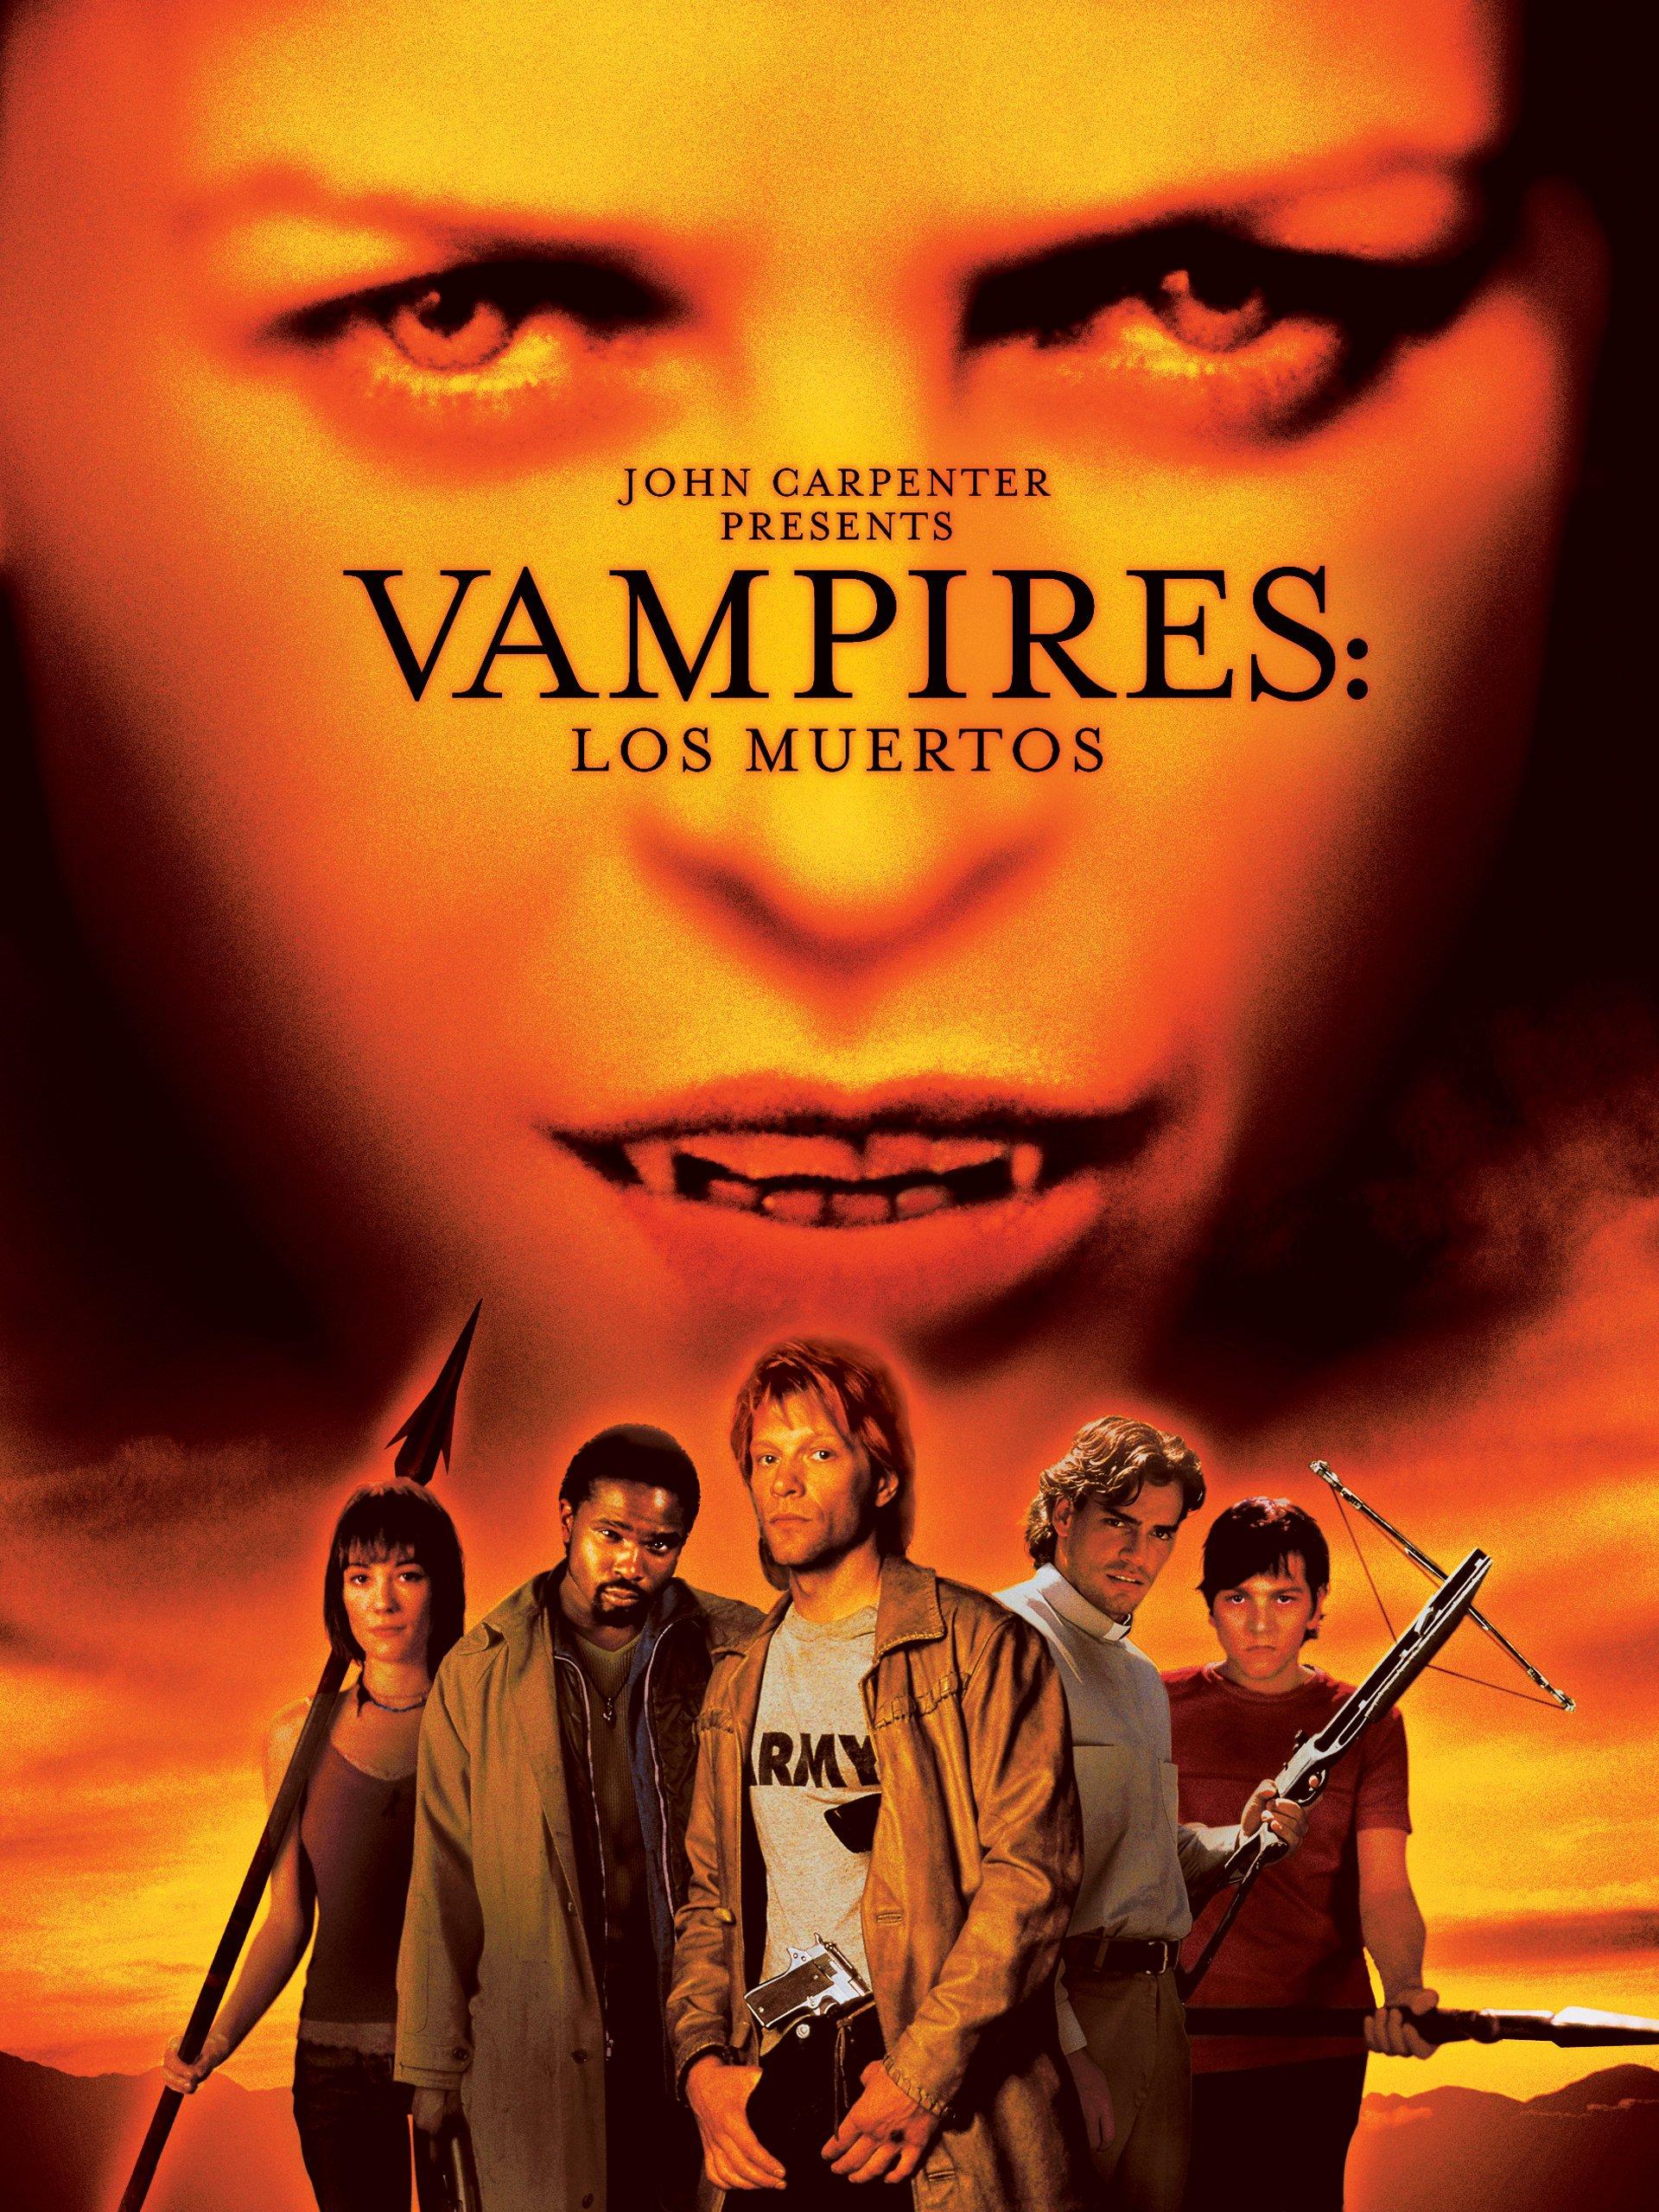 John carpenters vampires full movie online